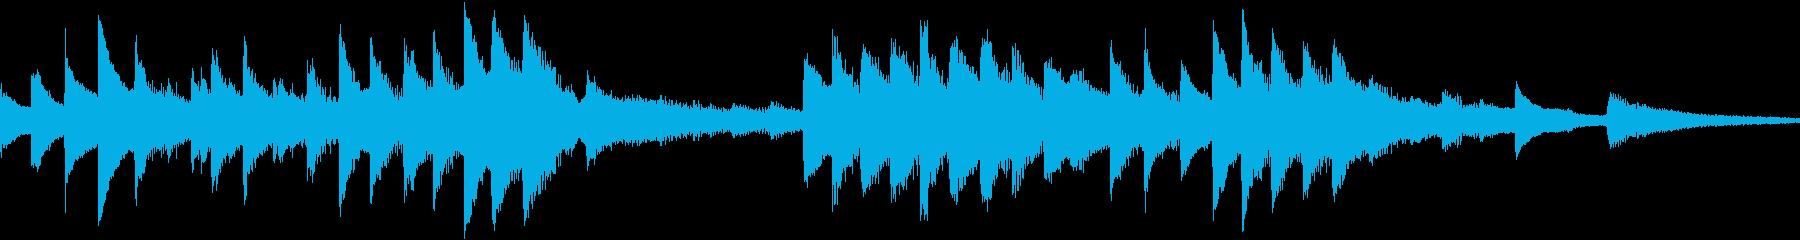 ロマンチックなメロディのピアノBGMの再生済みの波形